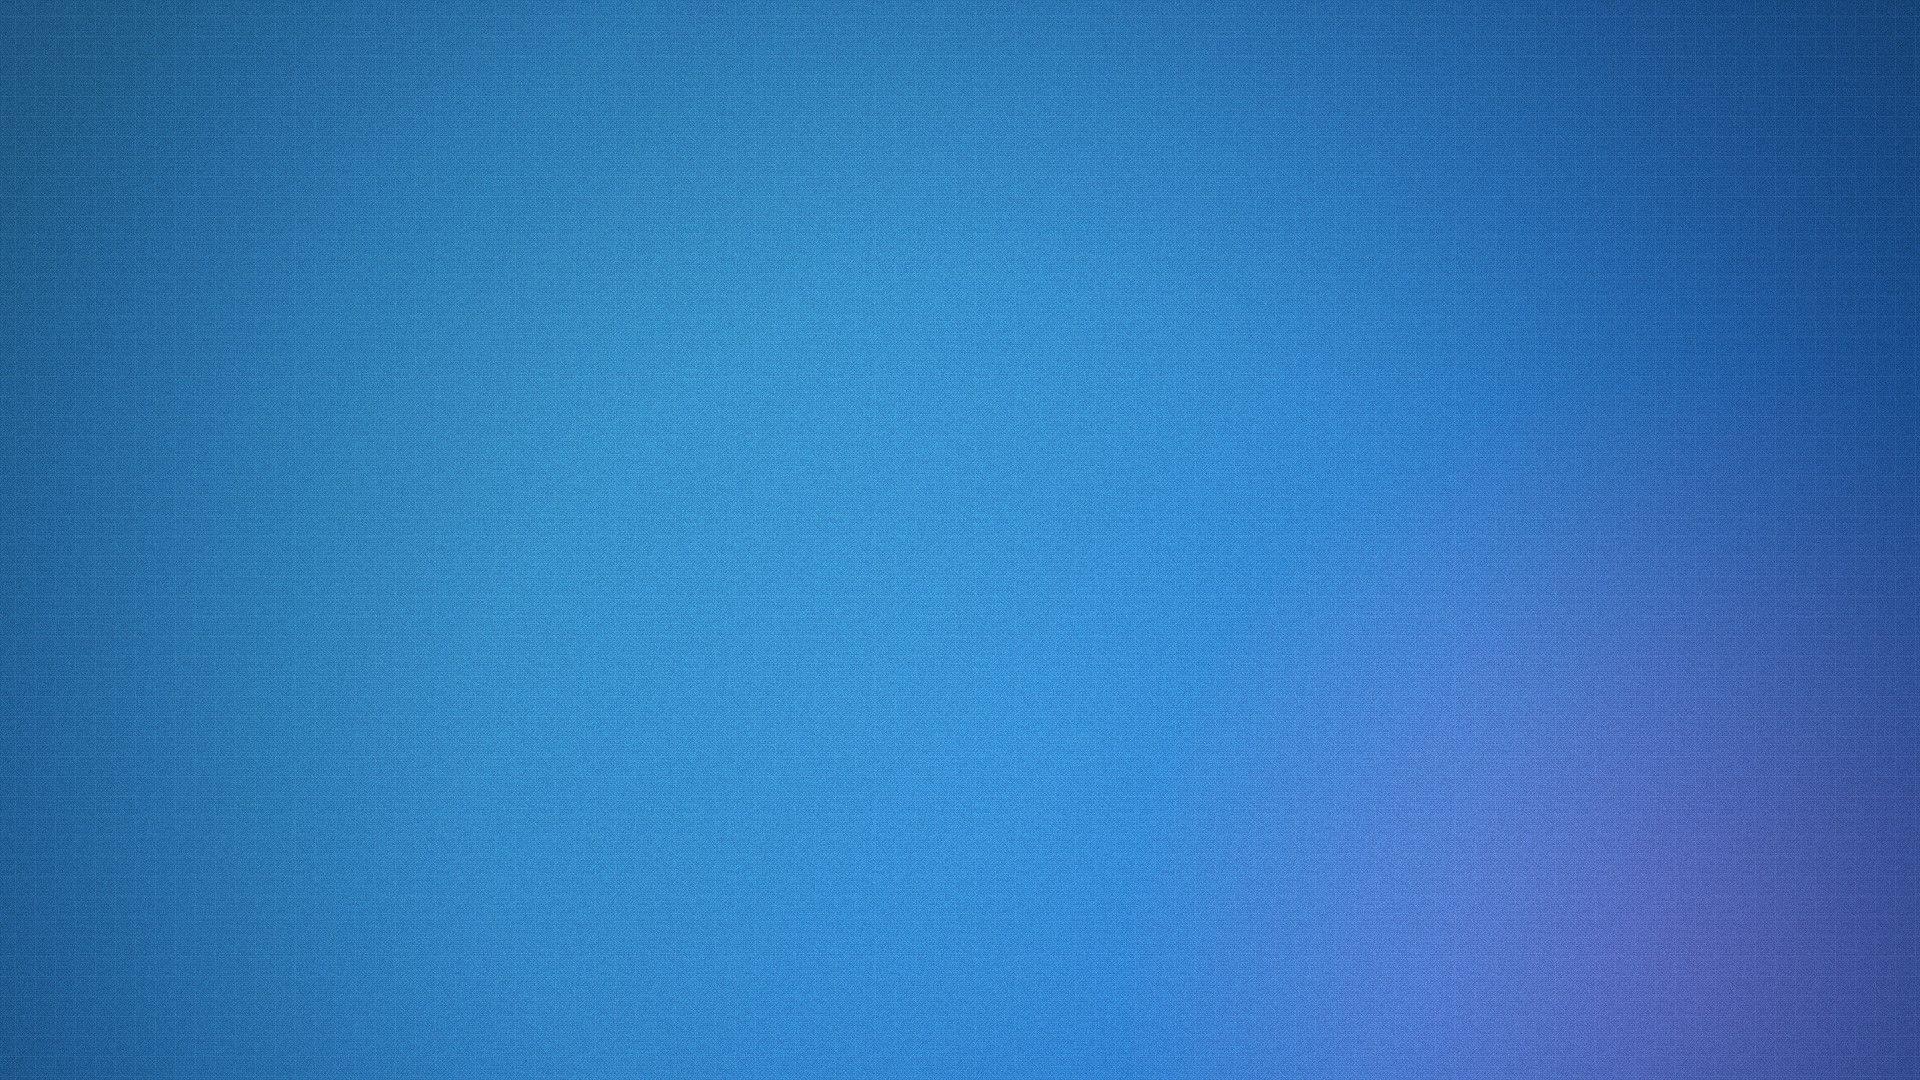 Plain Blue Wallpaper for pc